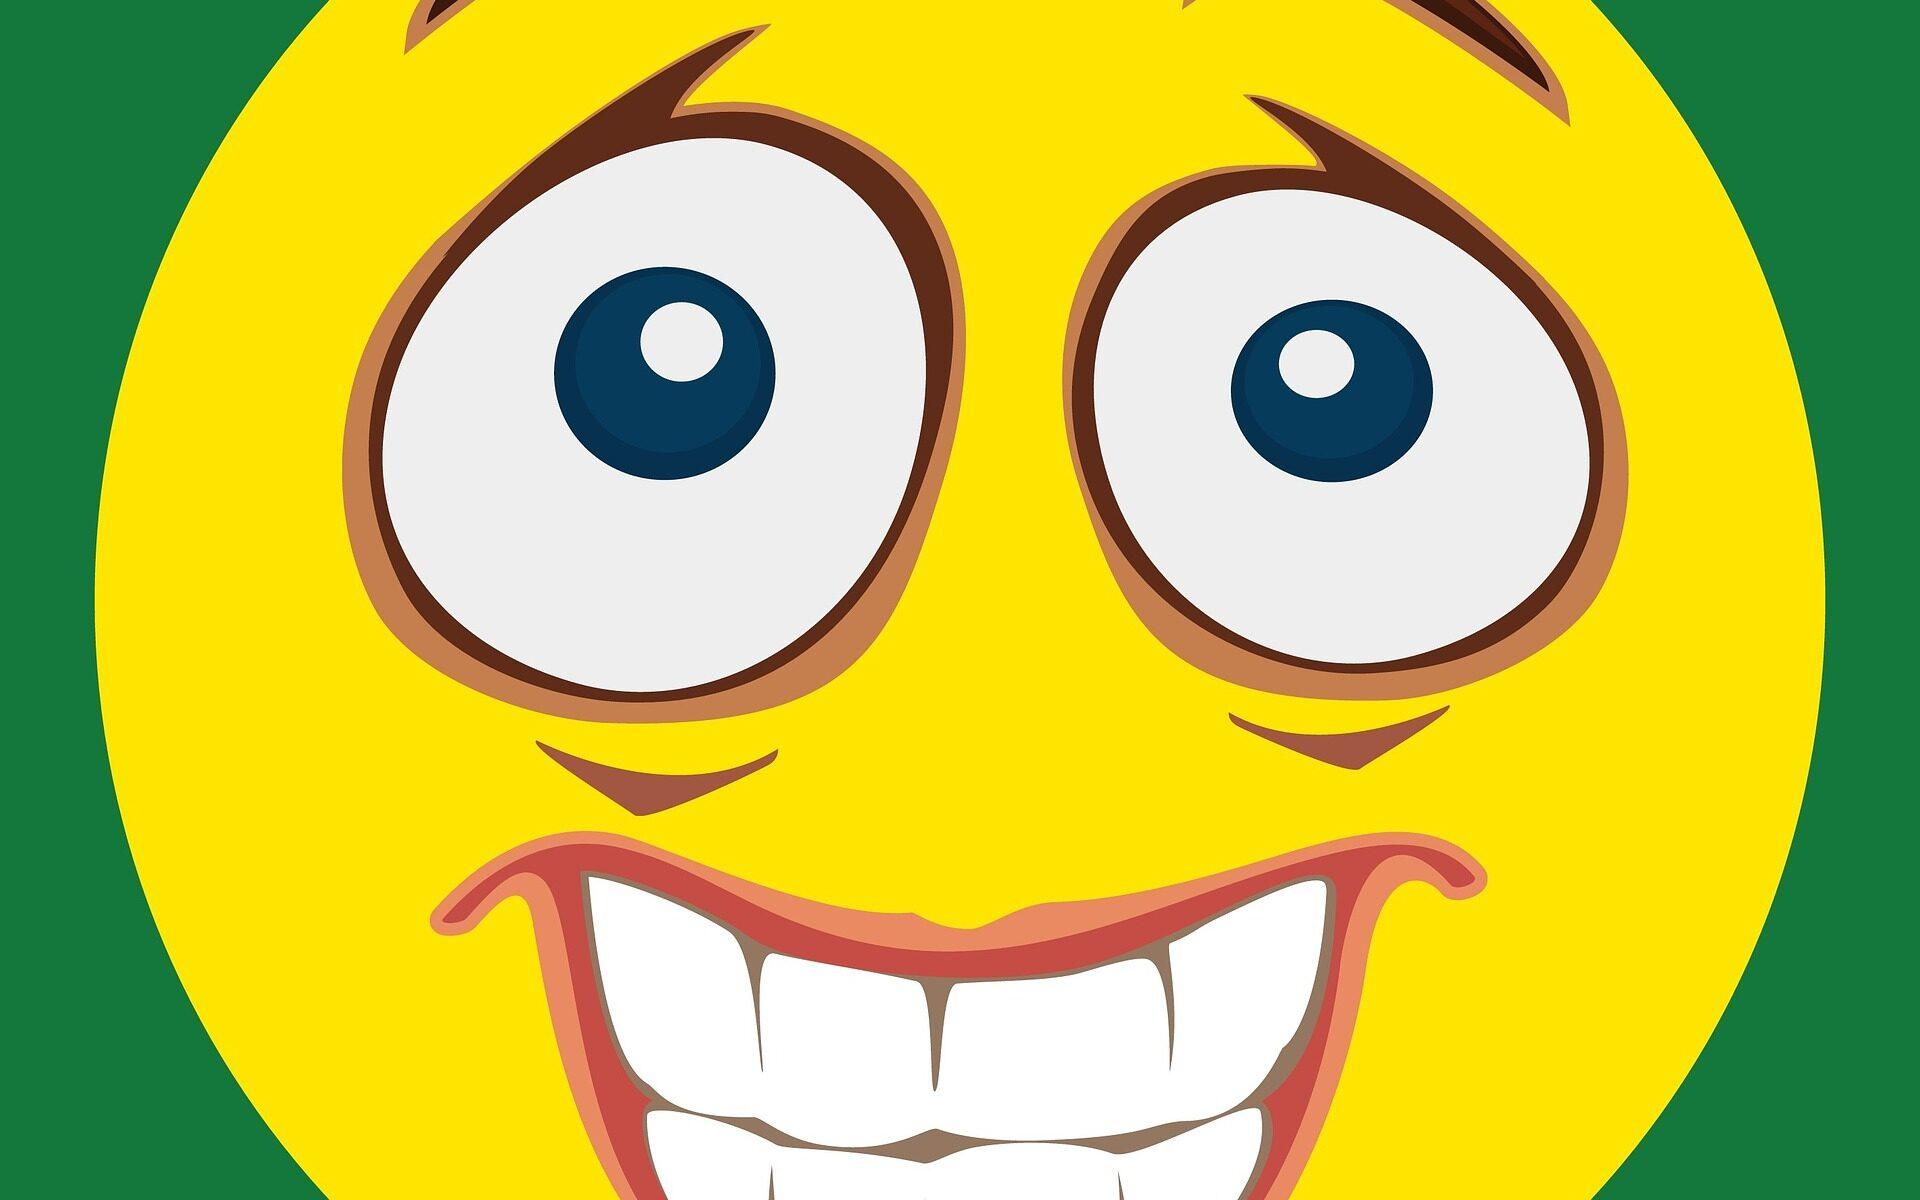 émoji sourire figé et les yeux exorbités